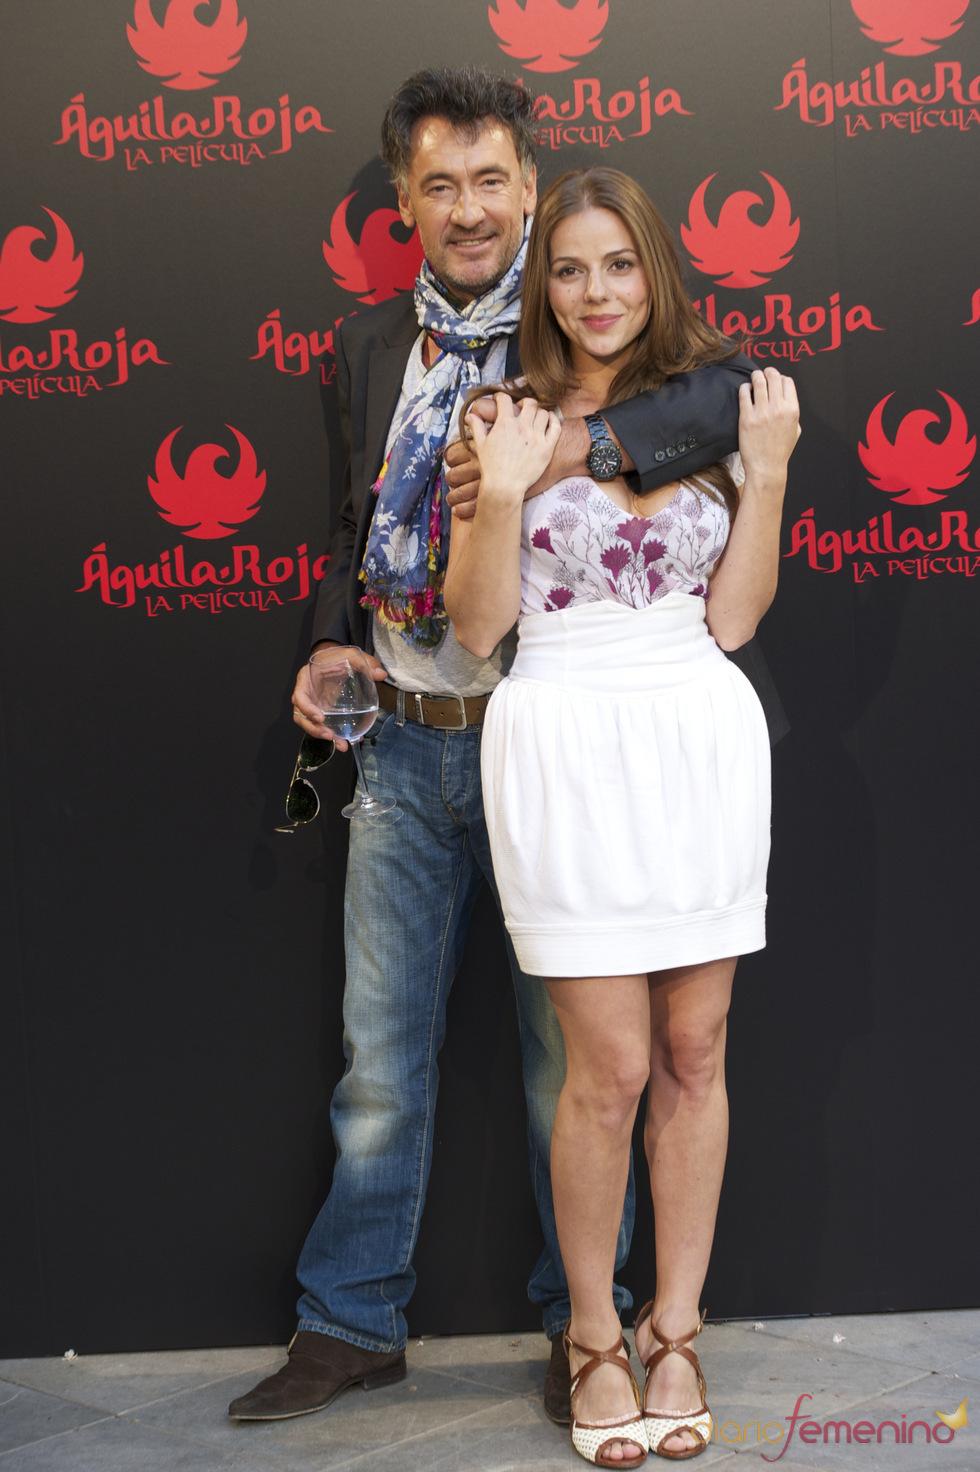 Francis Lorenzo y Miryam Gallego en la presentación de 'Águila Roja, la película'